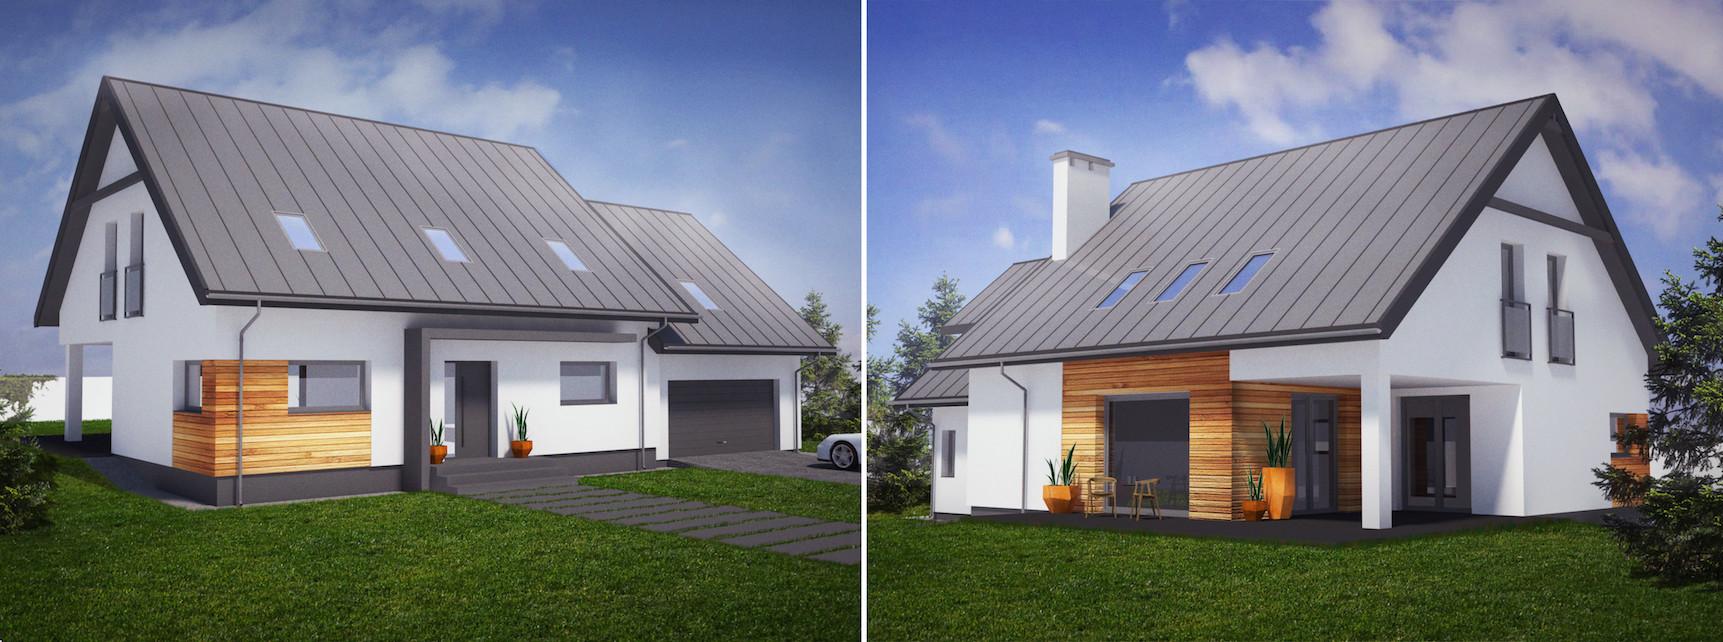 projekty domów architekt łódź 2